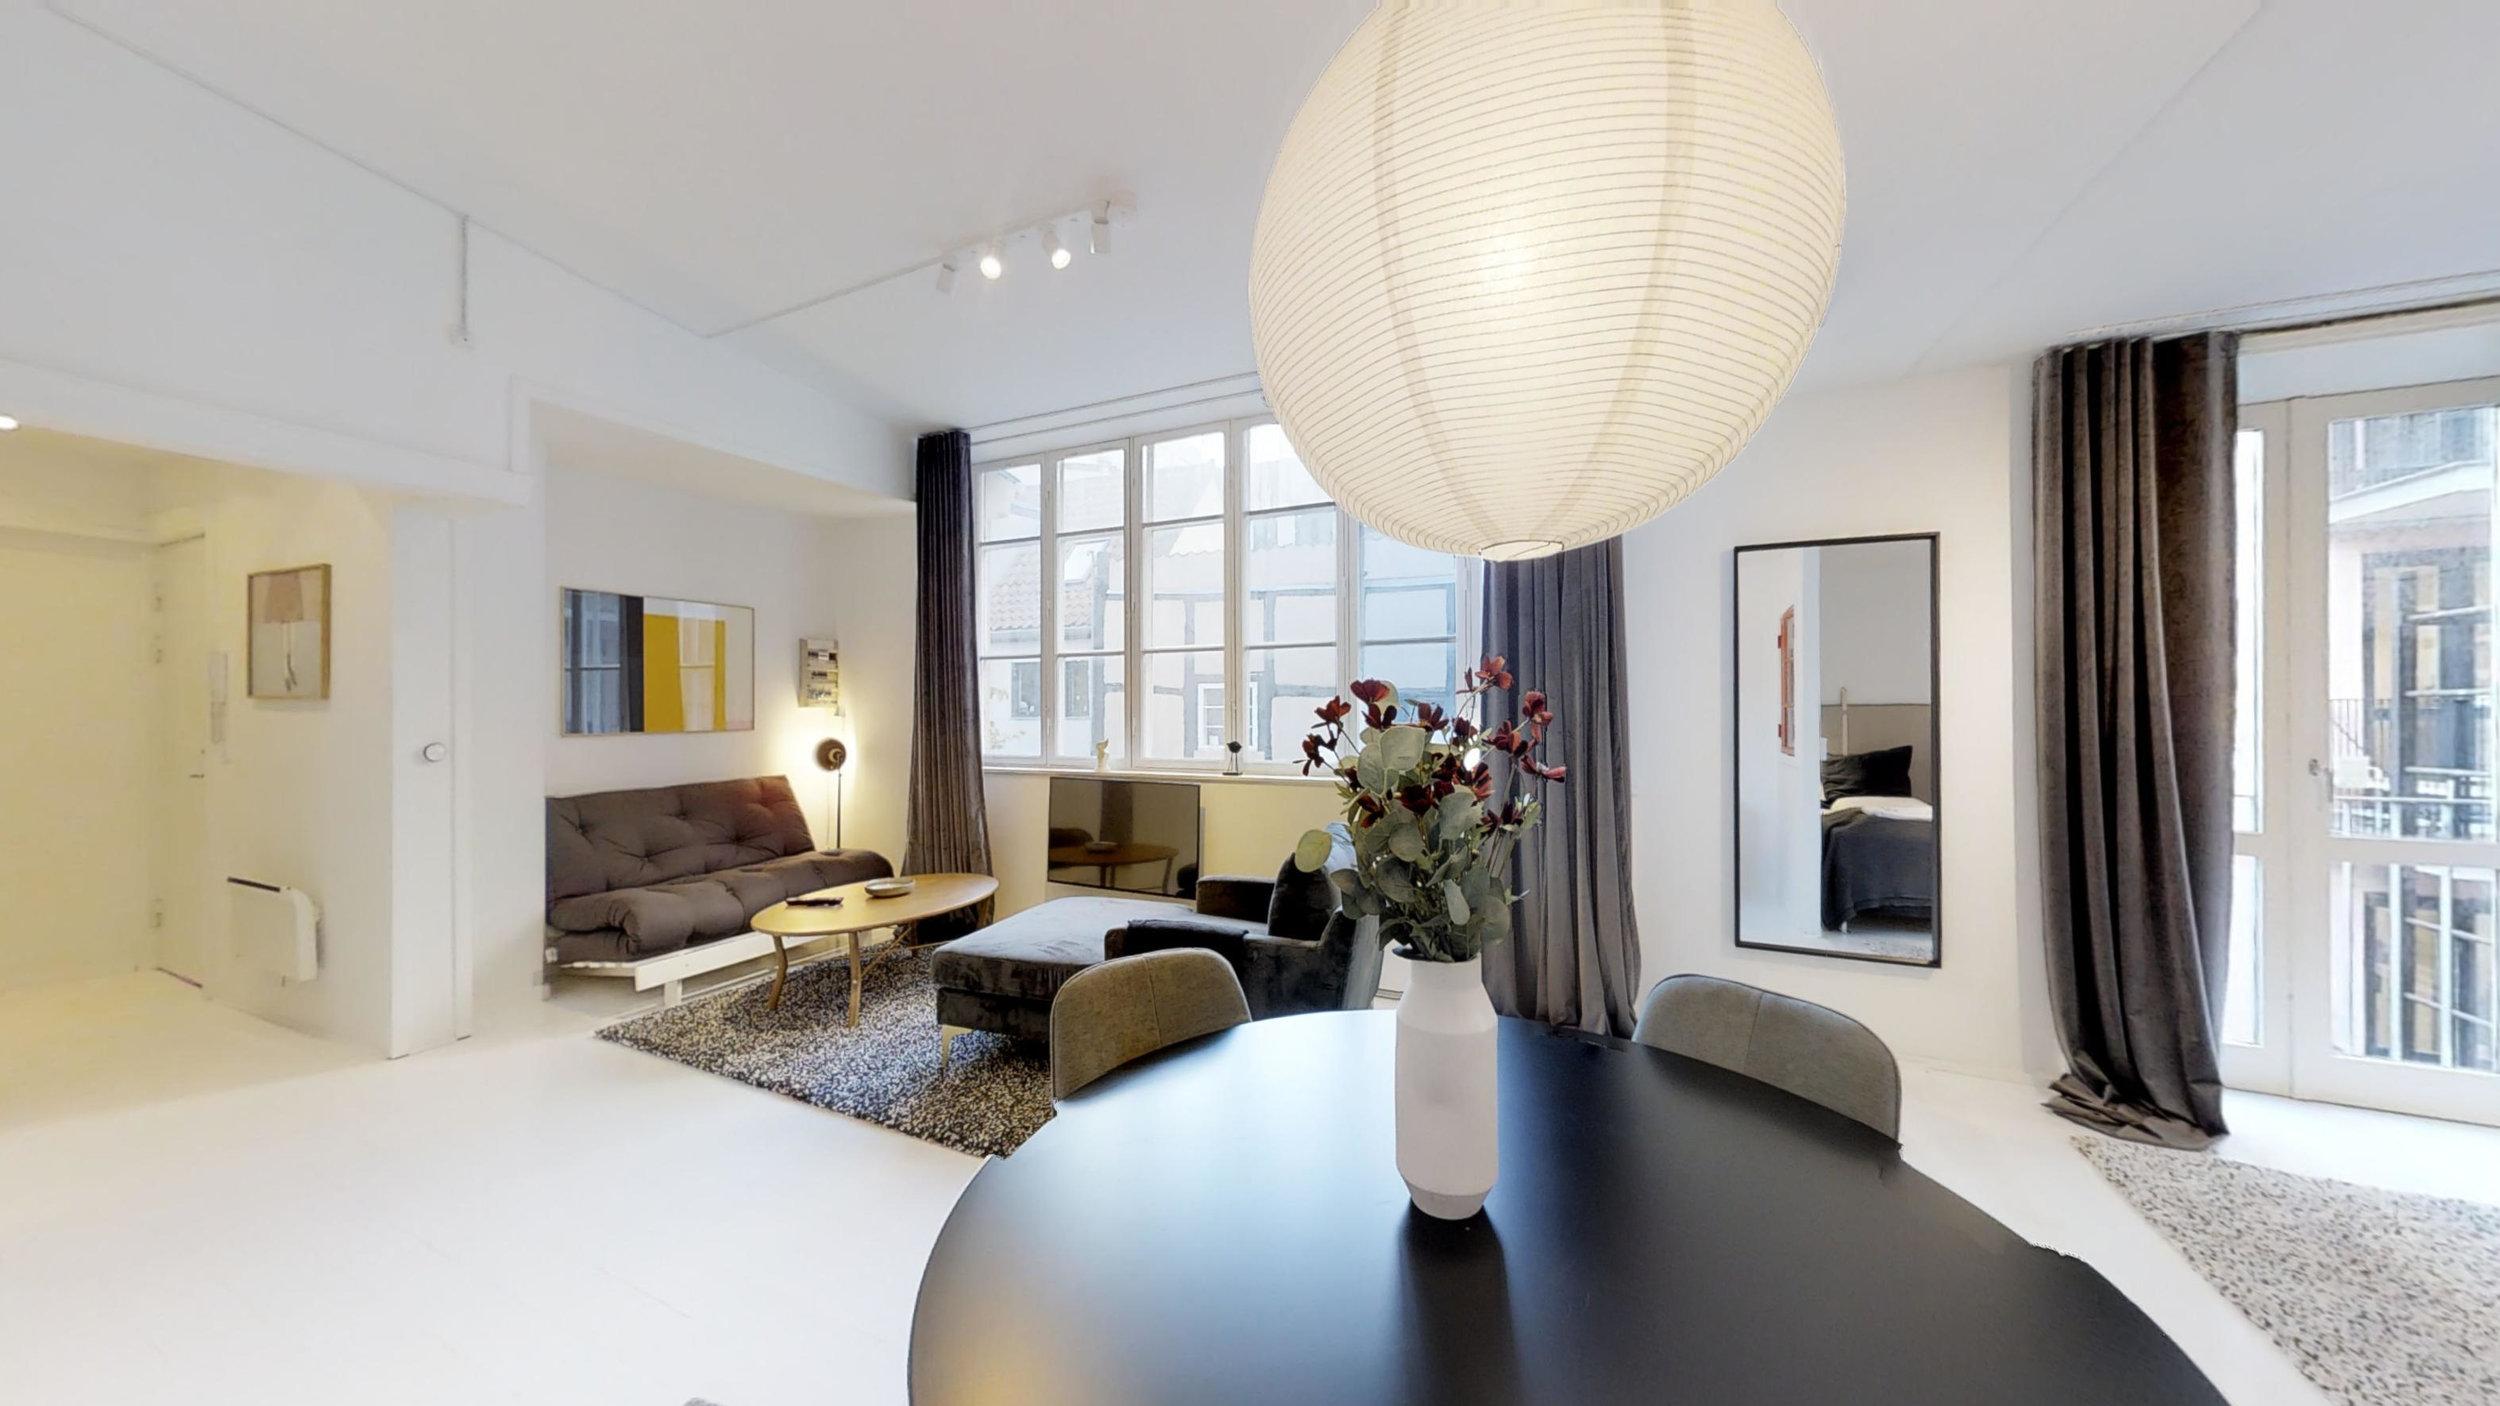 Hotellejlighed-Store-Kongensgade-44-2-sal-11052018_134005.jpg